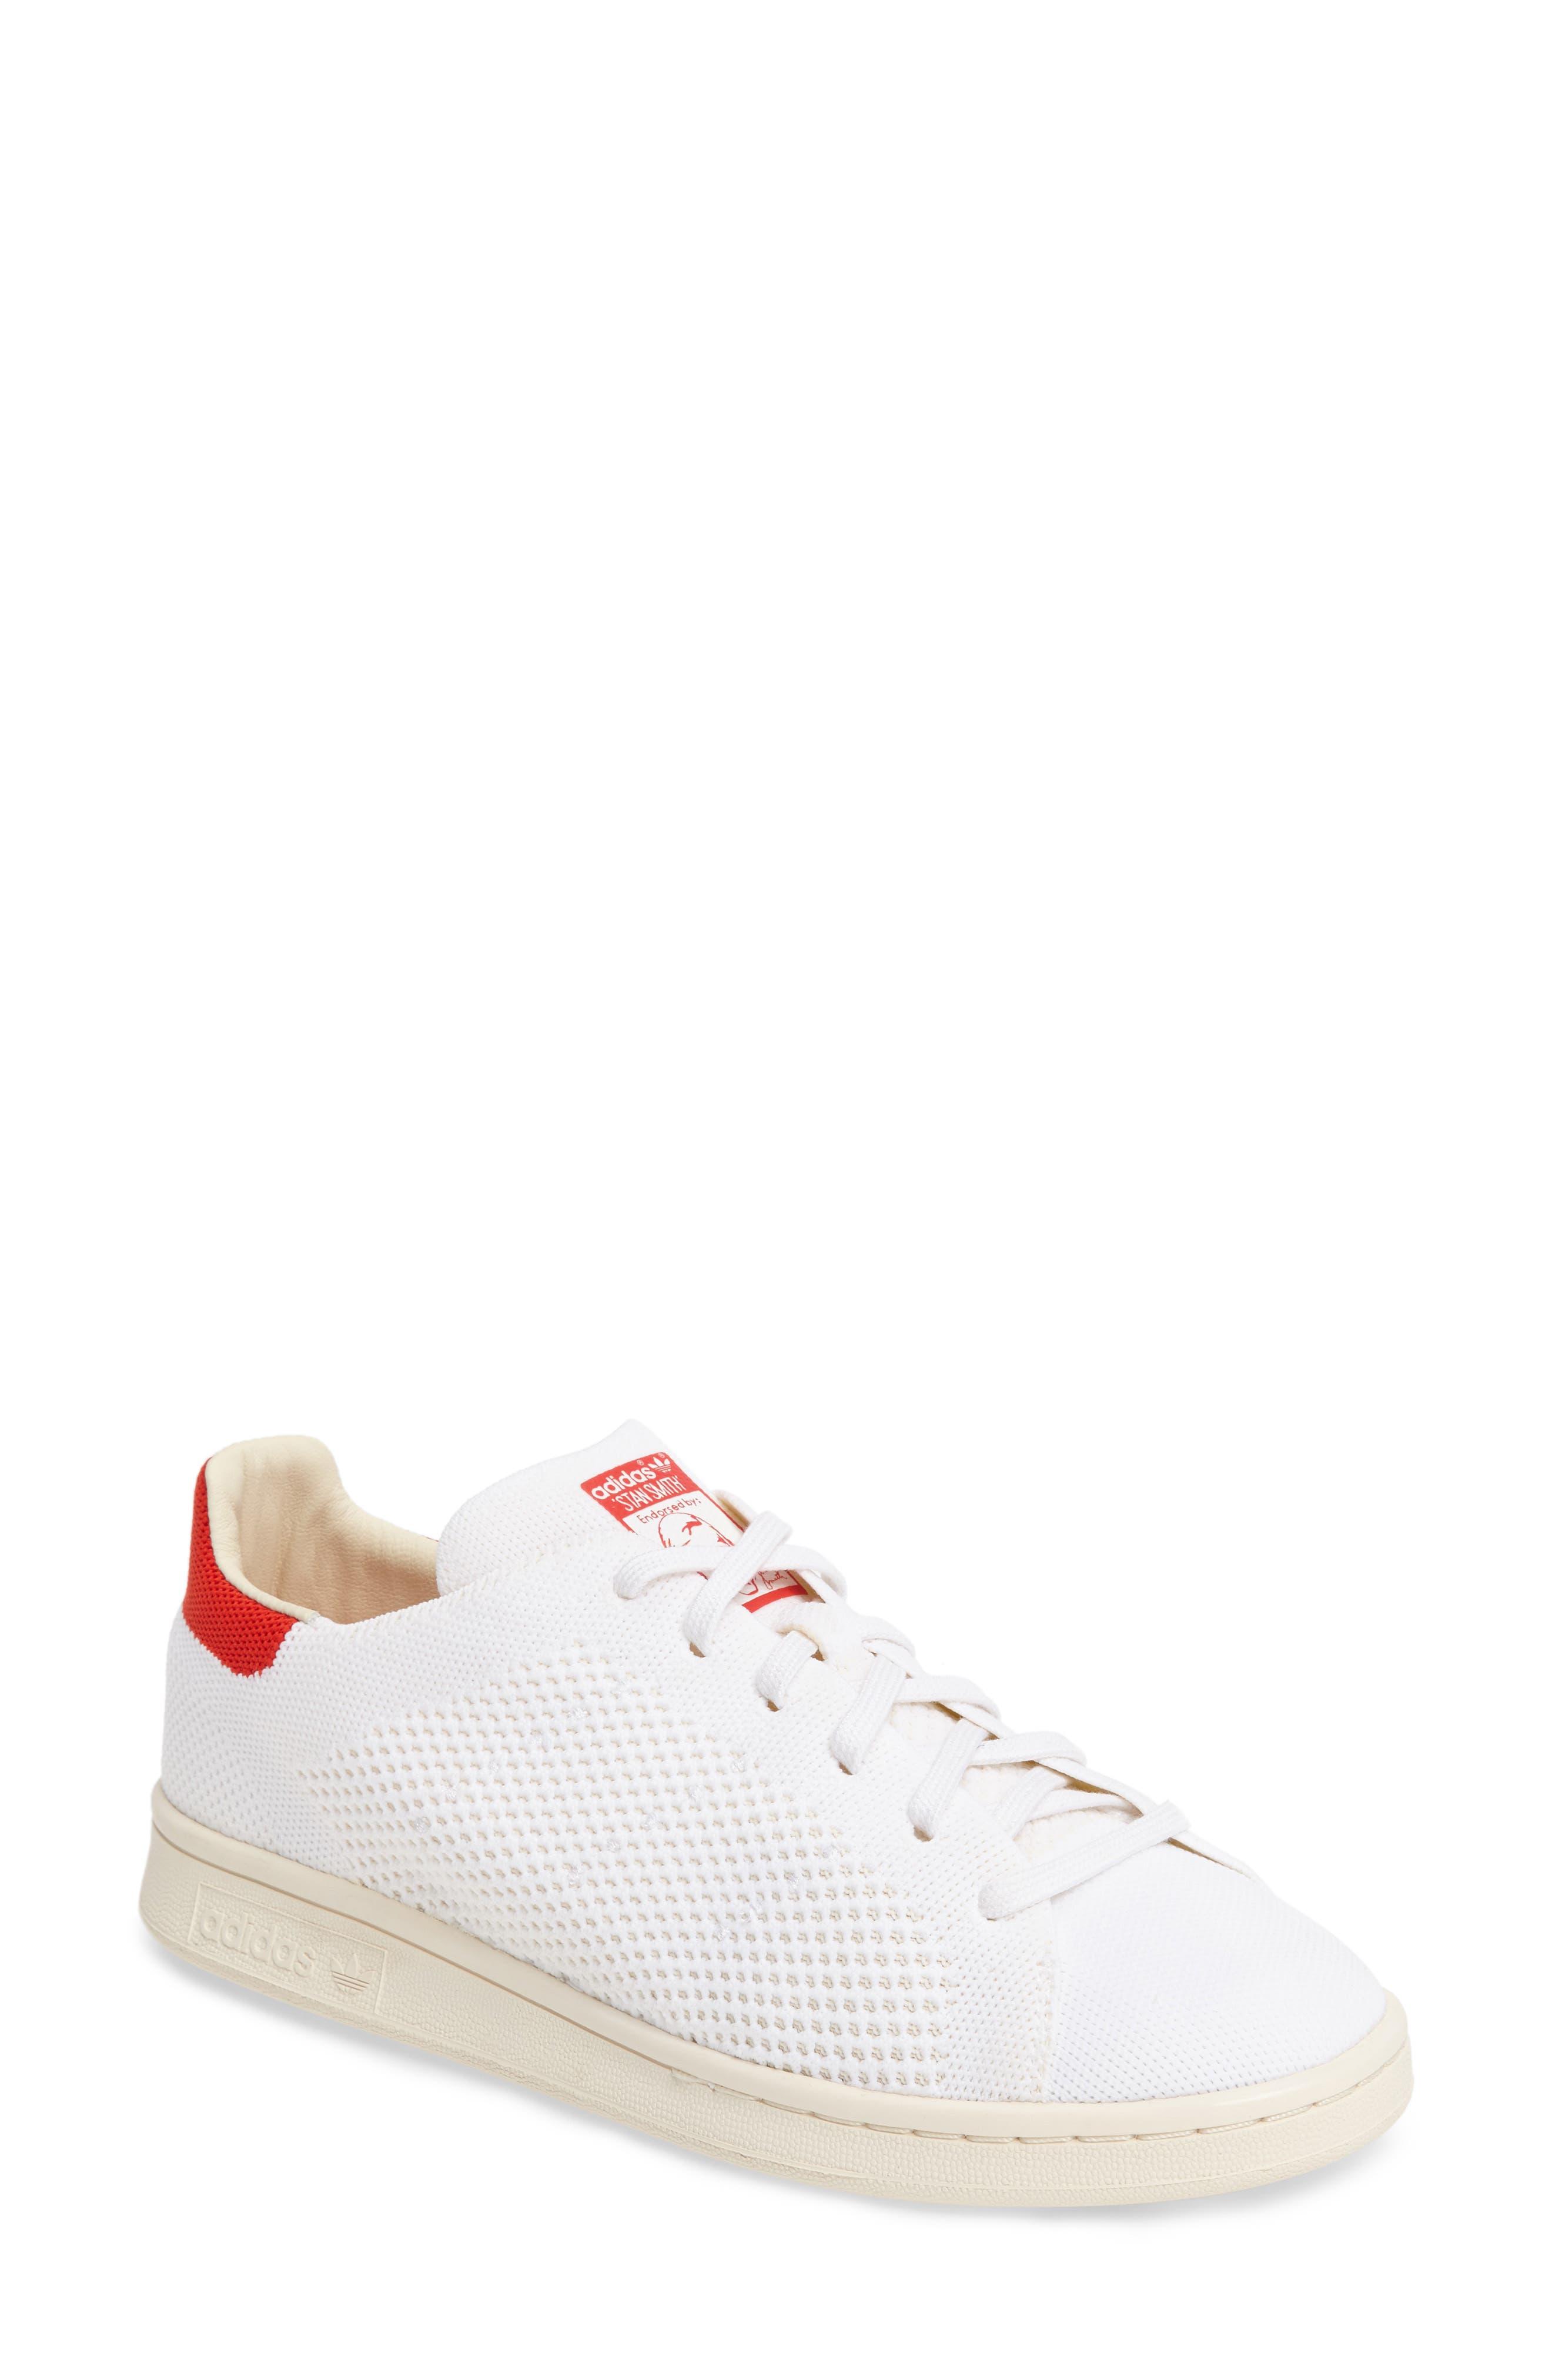 wholesale dealer 437b7 64321 ... best adidas porsche design vi mens running shoes black green 0788c d21aa